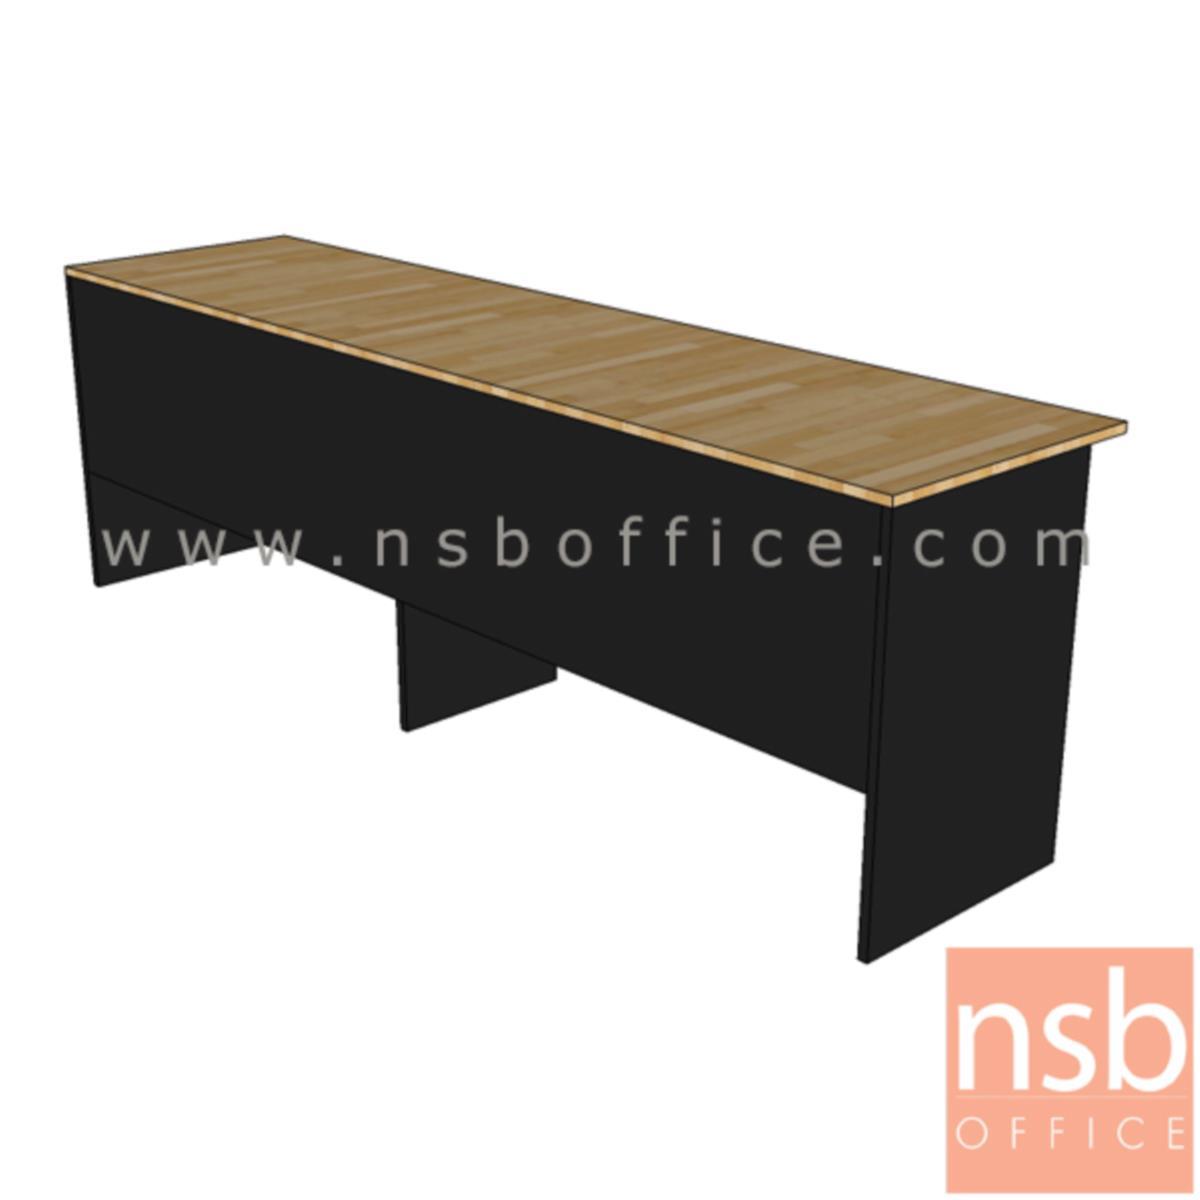 โต๊ะประชุมหน้าตรง 3 ที่นั่ง  ขนาด 240W*60D cm.  Top ยื่น 10 ซม. เมลามีน